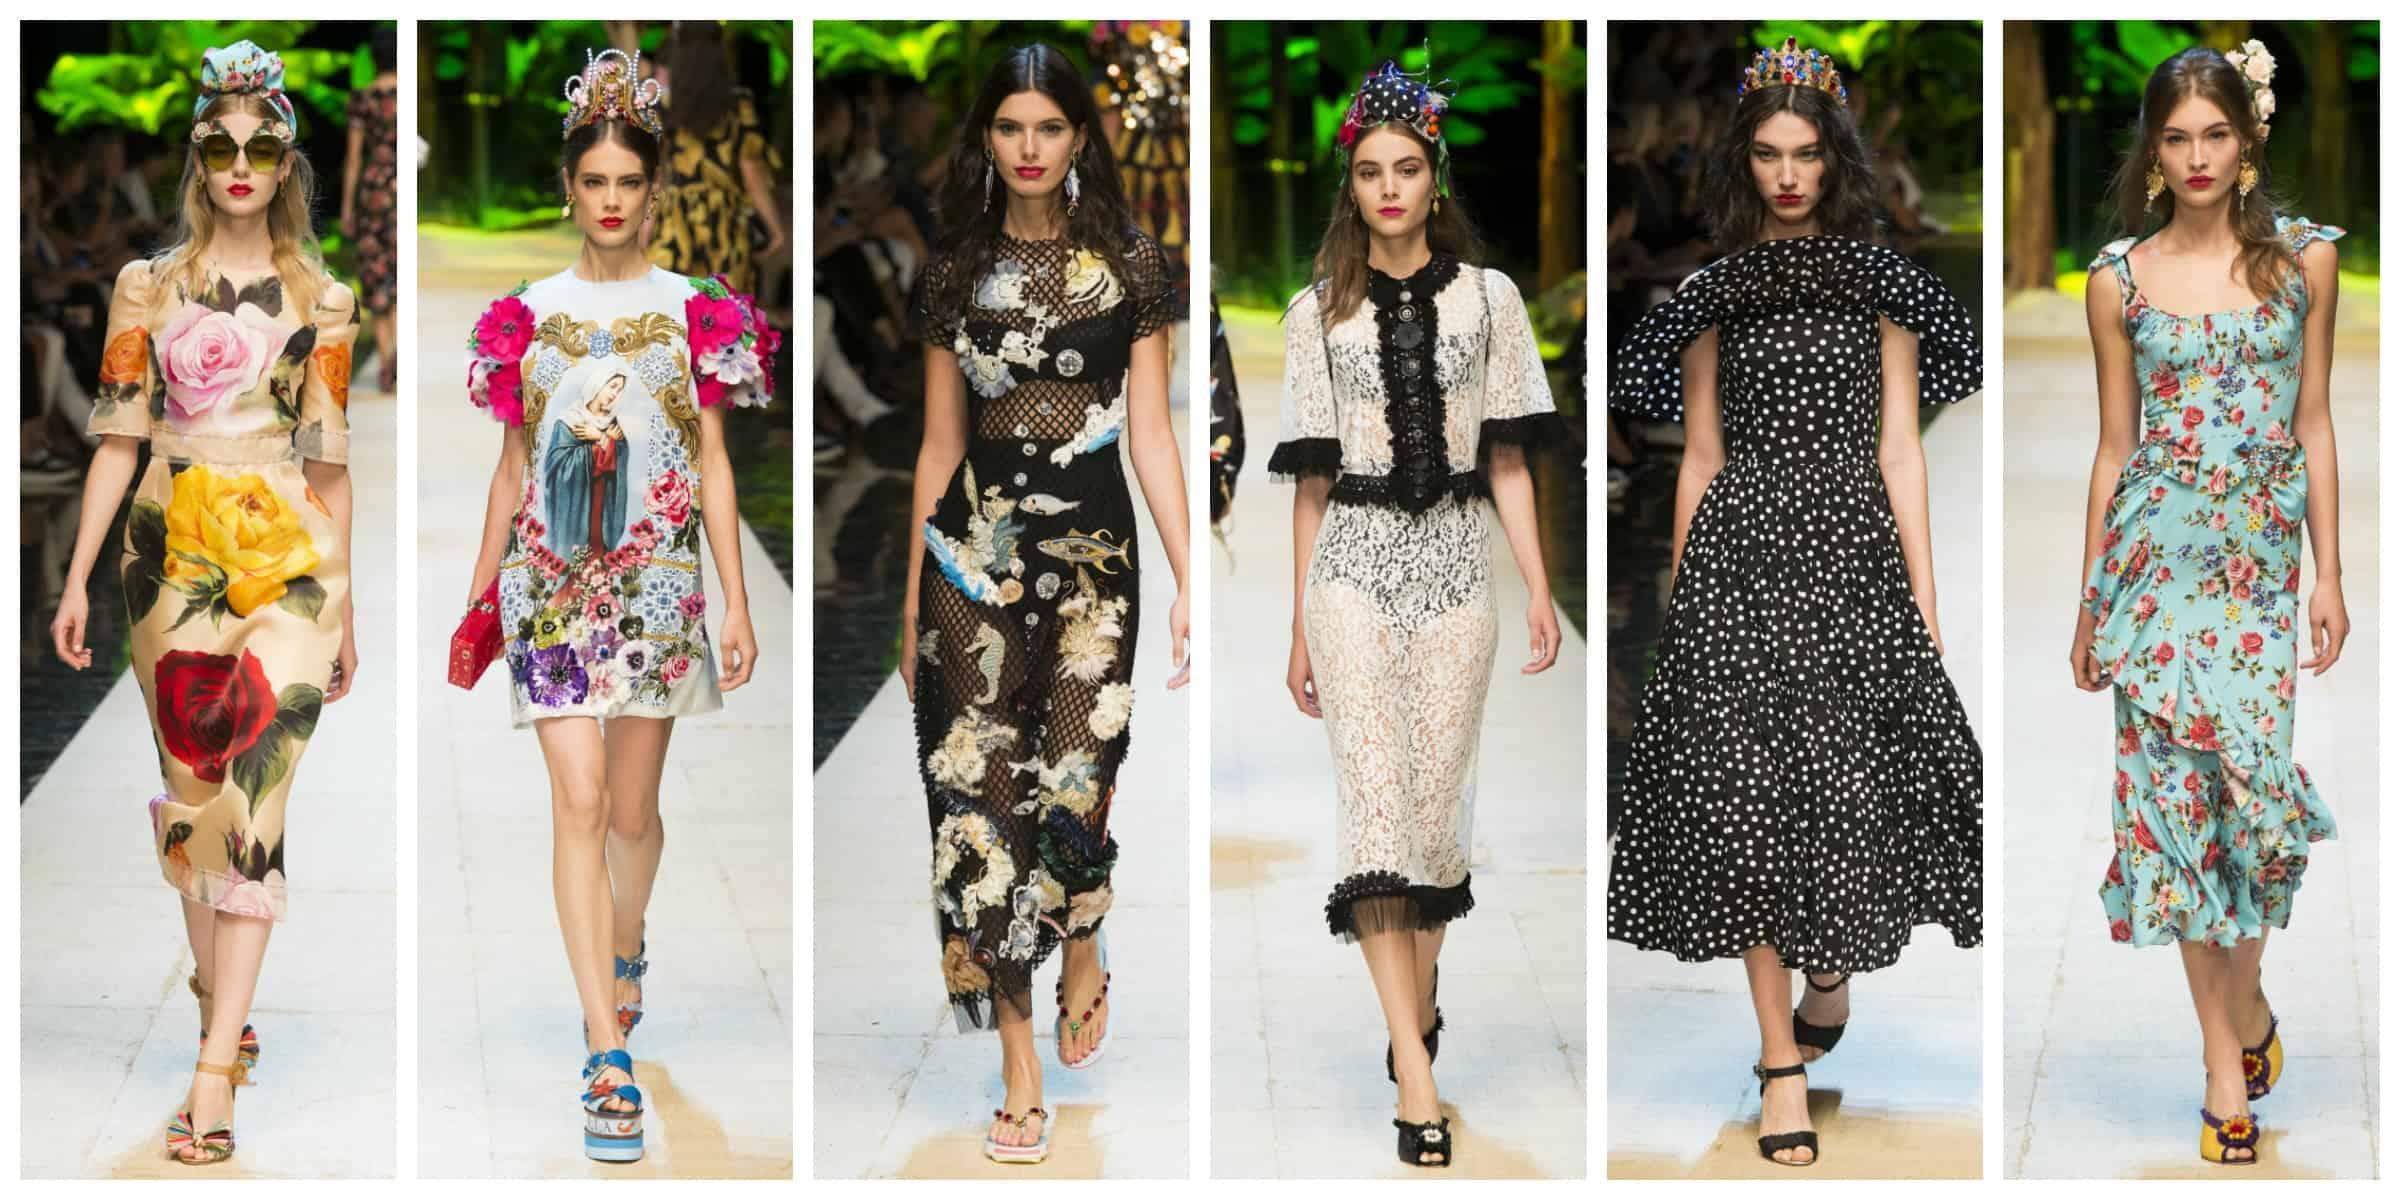 Dolce & Gabbana - Milan Fashion Week Spring 2017